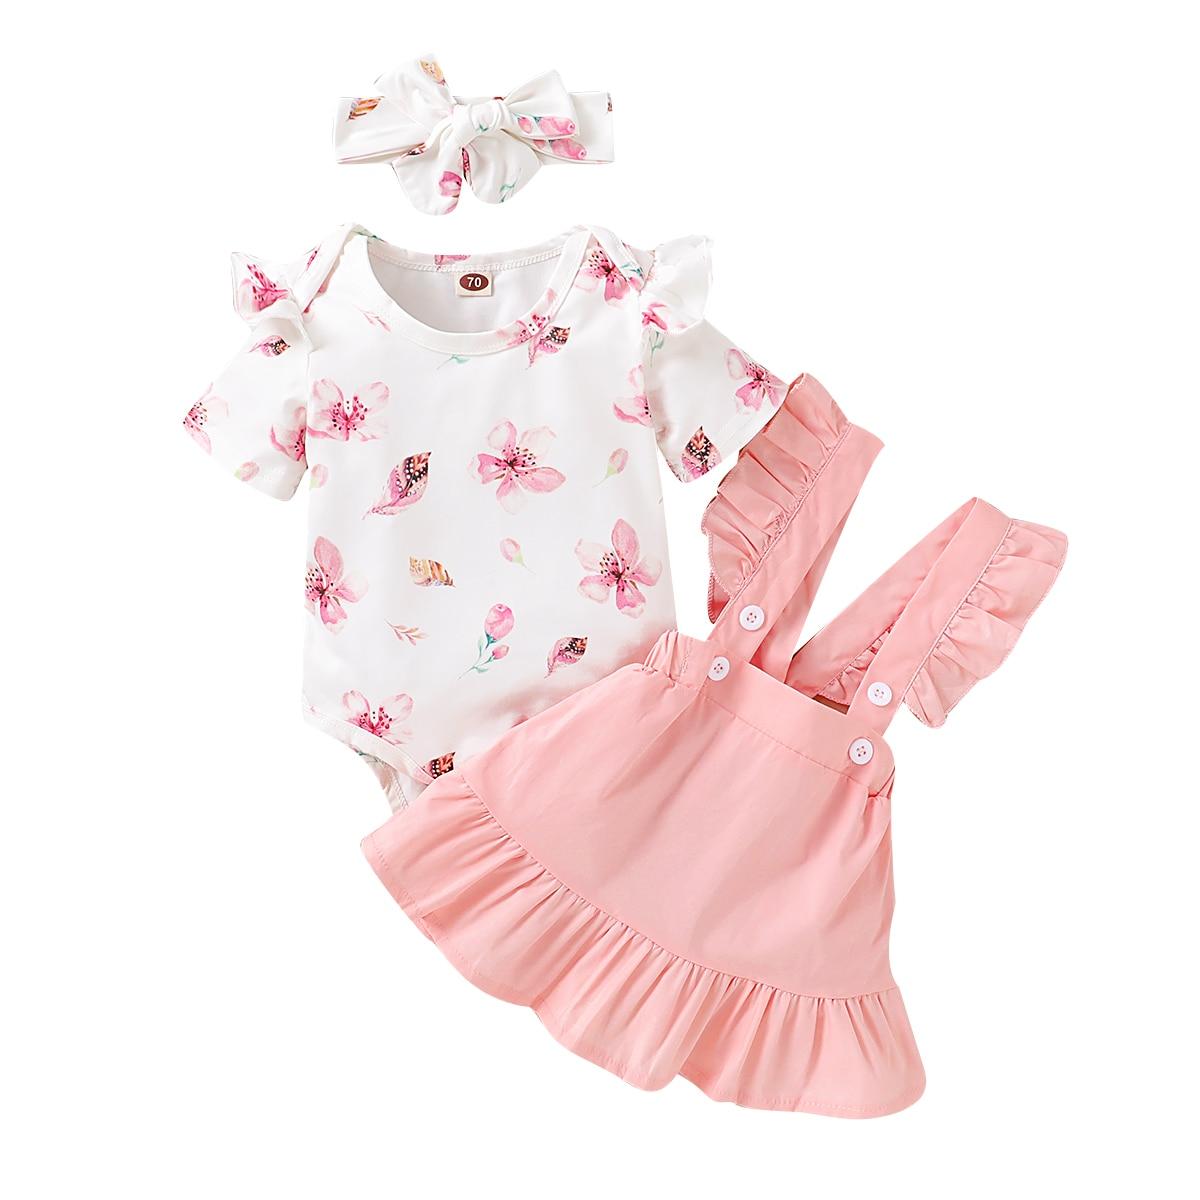 Vestido de verão meninas roupas conjunto bebê macacão + saia + hairband flor impressão cinta macacão macacão de uma peça roupa de verão clothe